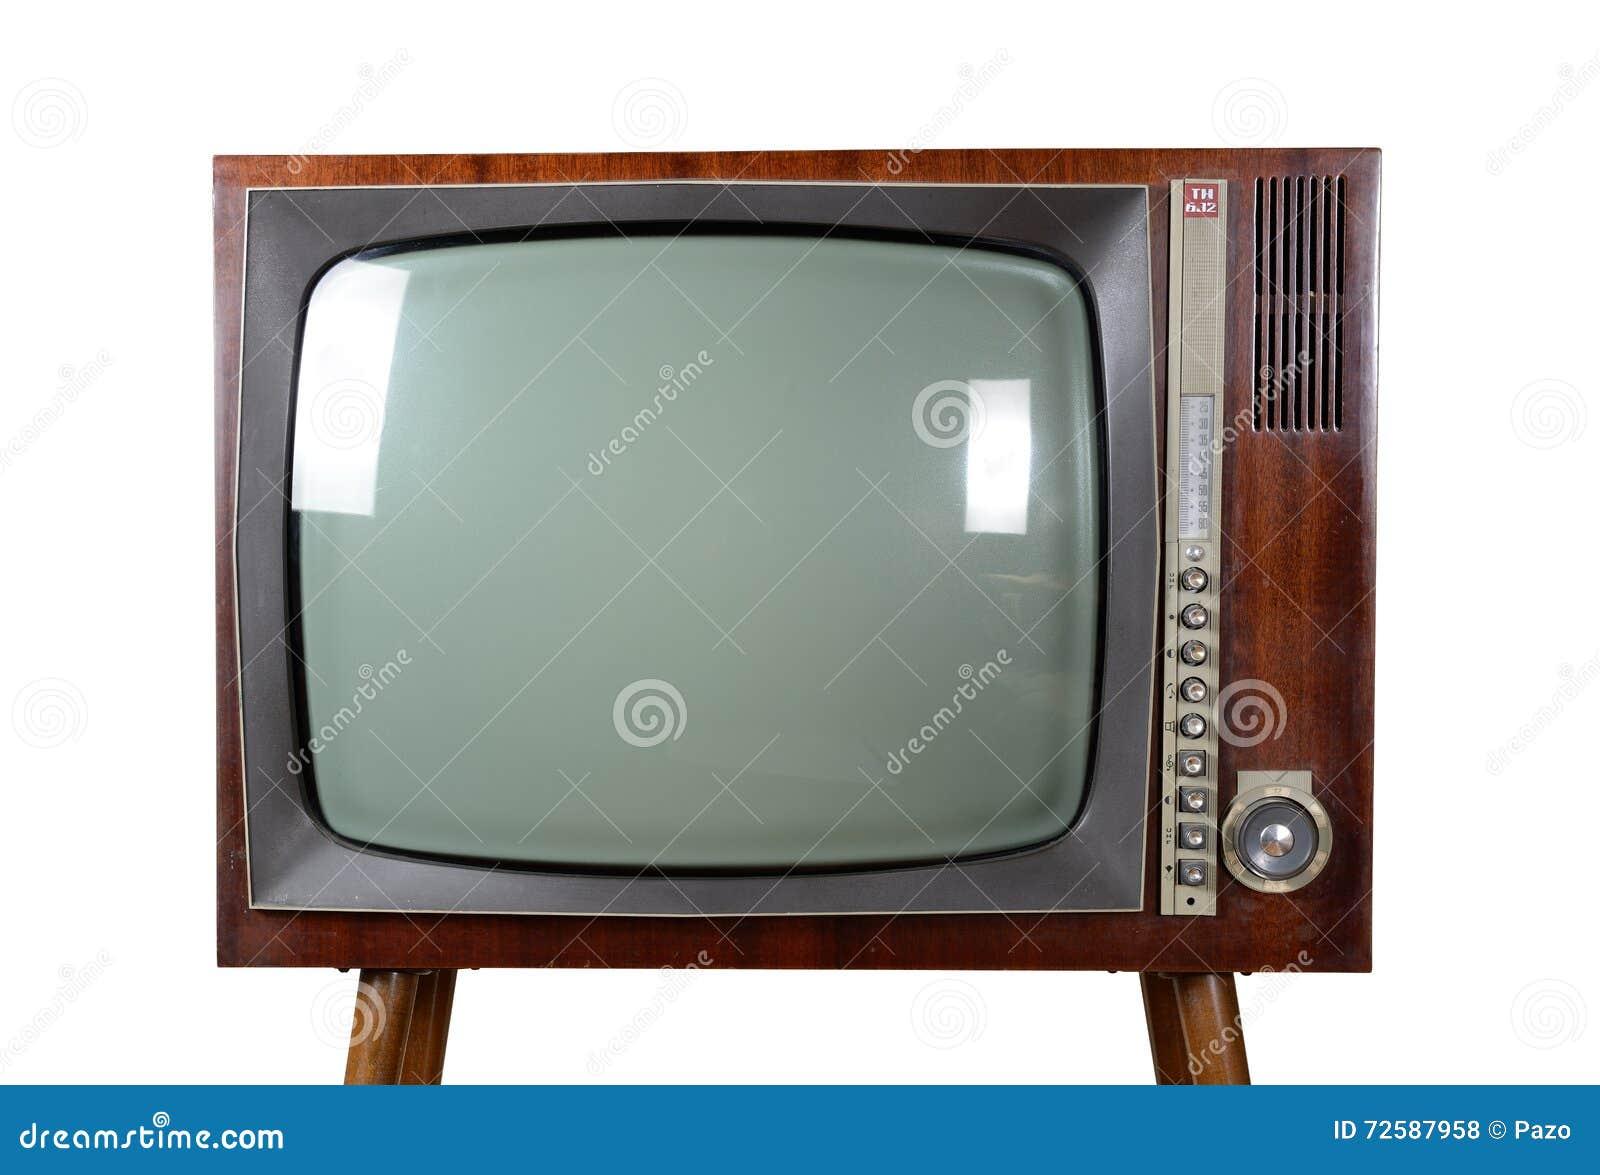 oldtimer tv editorial stock photo image 72587958. Black Bedroom Furniture Sets. Home Design Ideas